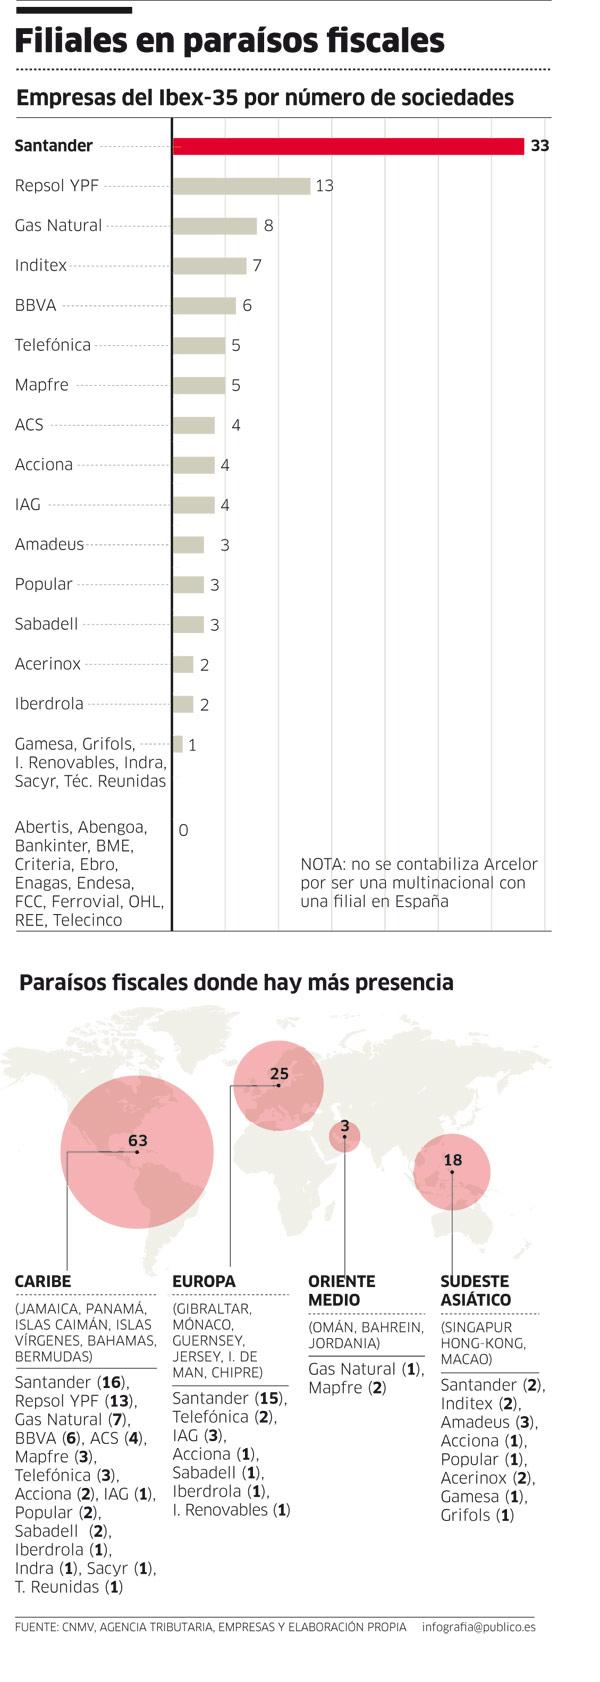 Paraísos fiscales del 90 % de las empresas del Ibex 35 [España] 1309039766634paraisosampliacion